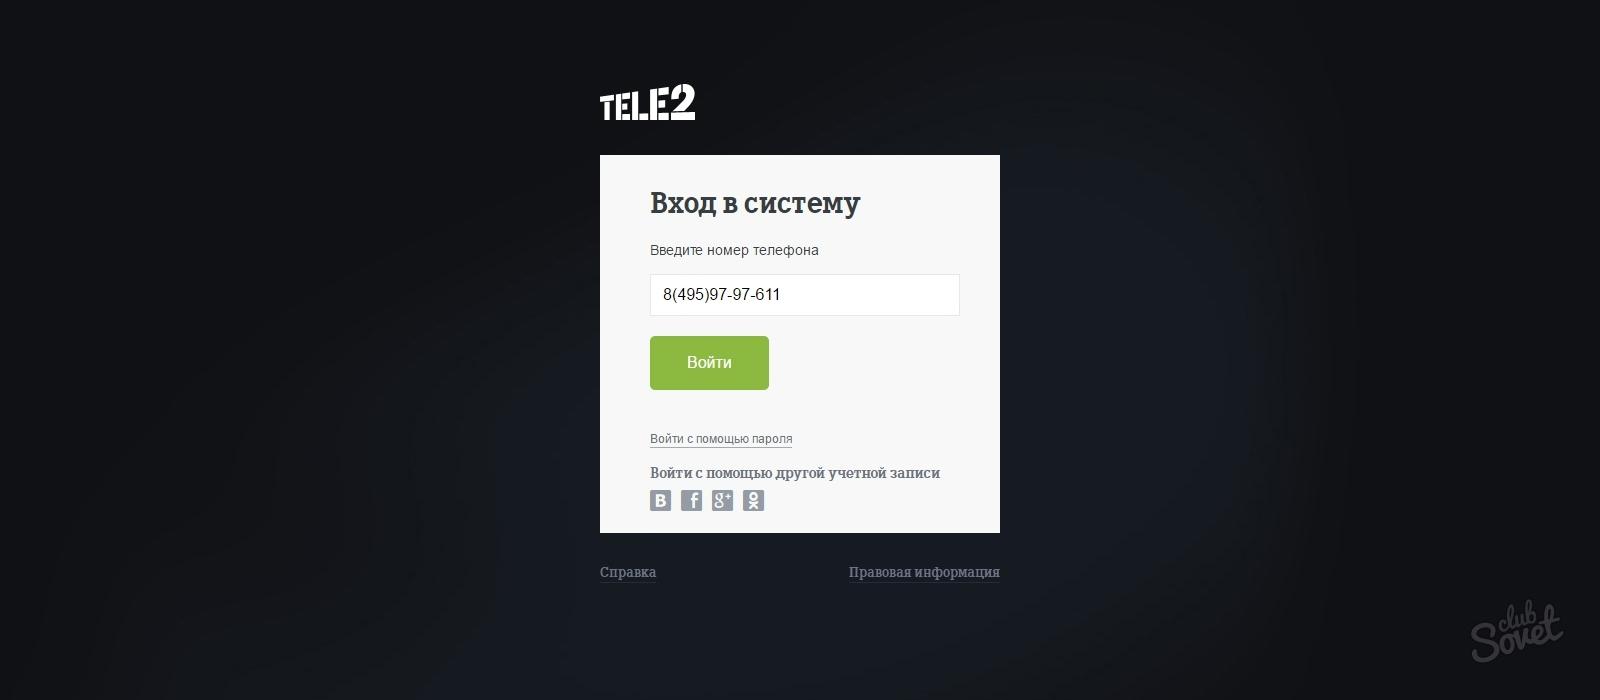 Скрываем свой номер на ТЕЛЕ 2 - 3 способа скрыть номер